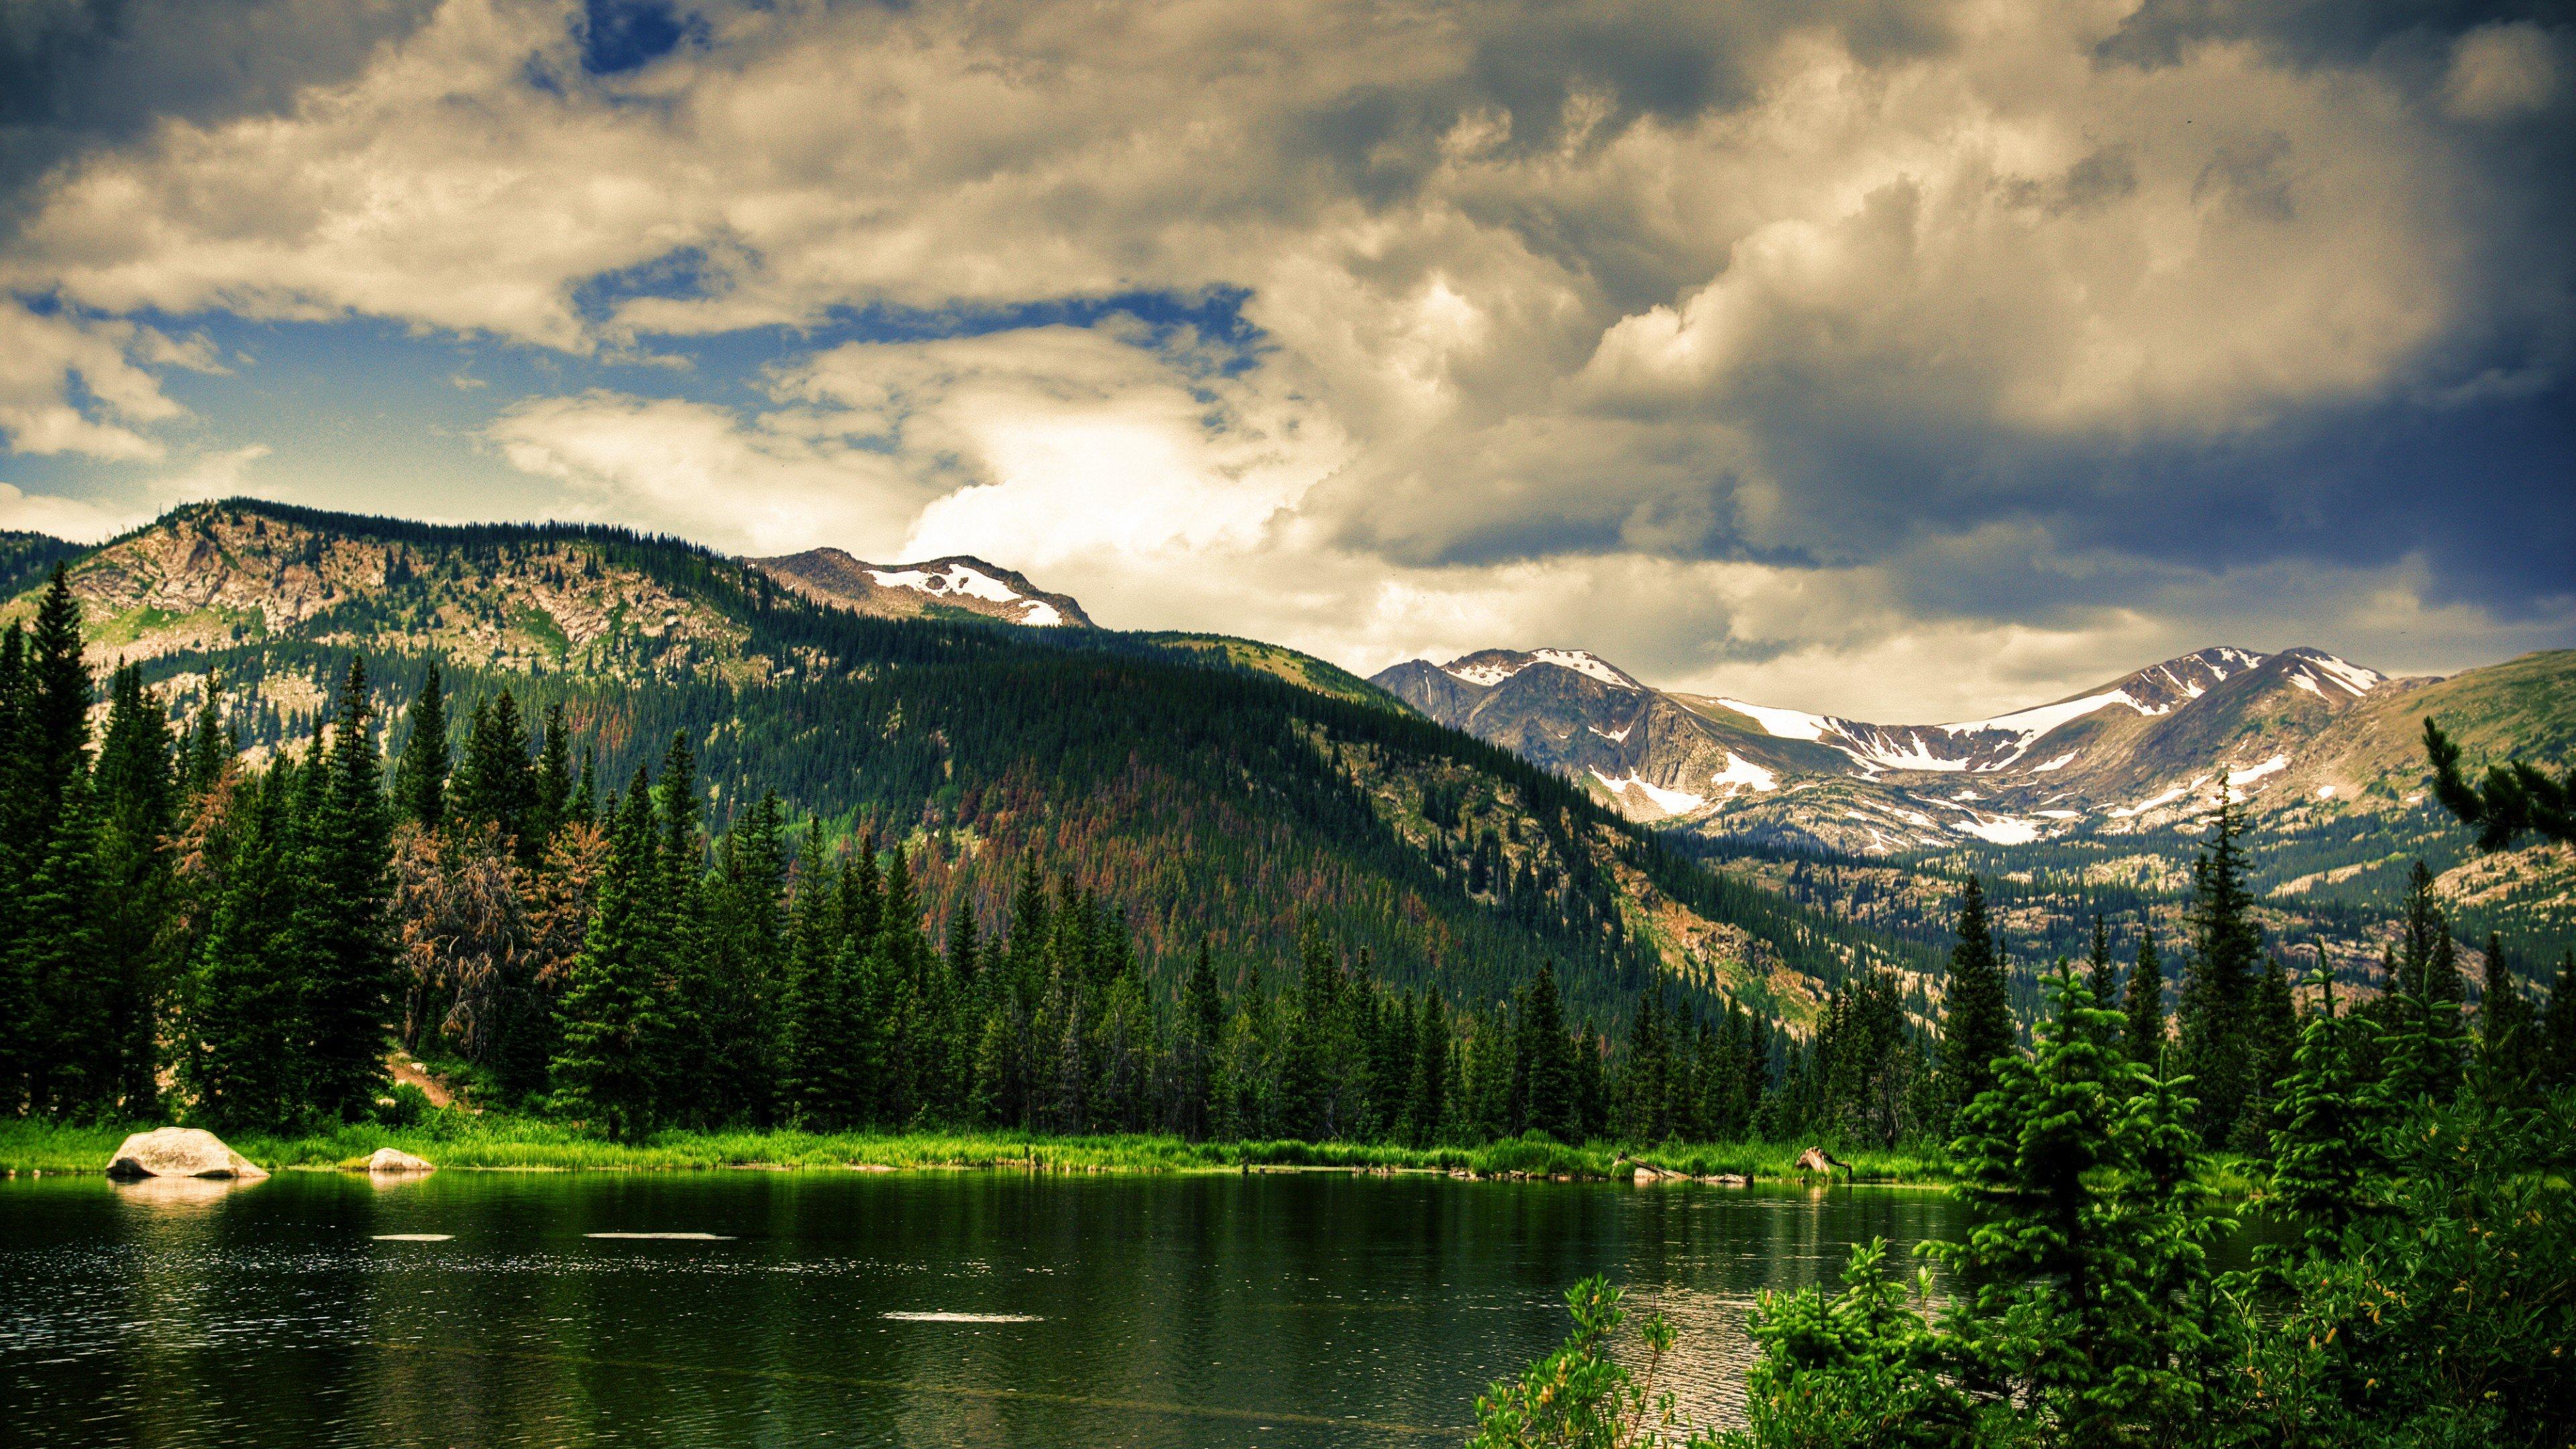 Fondos de pantalla Montañas en lago y bosque